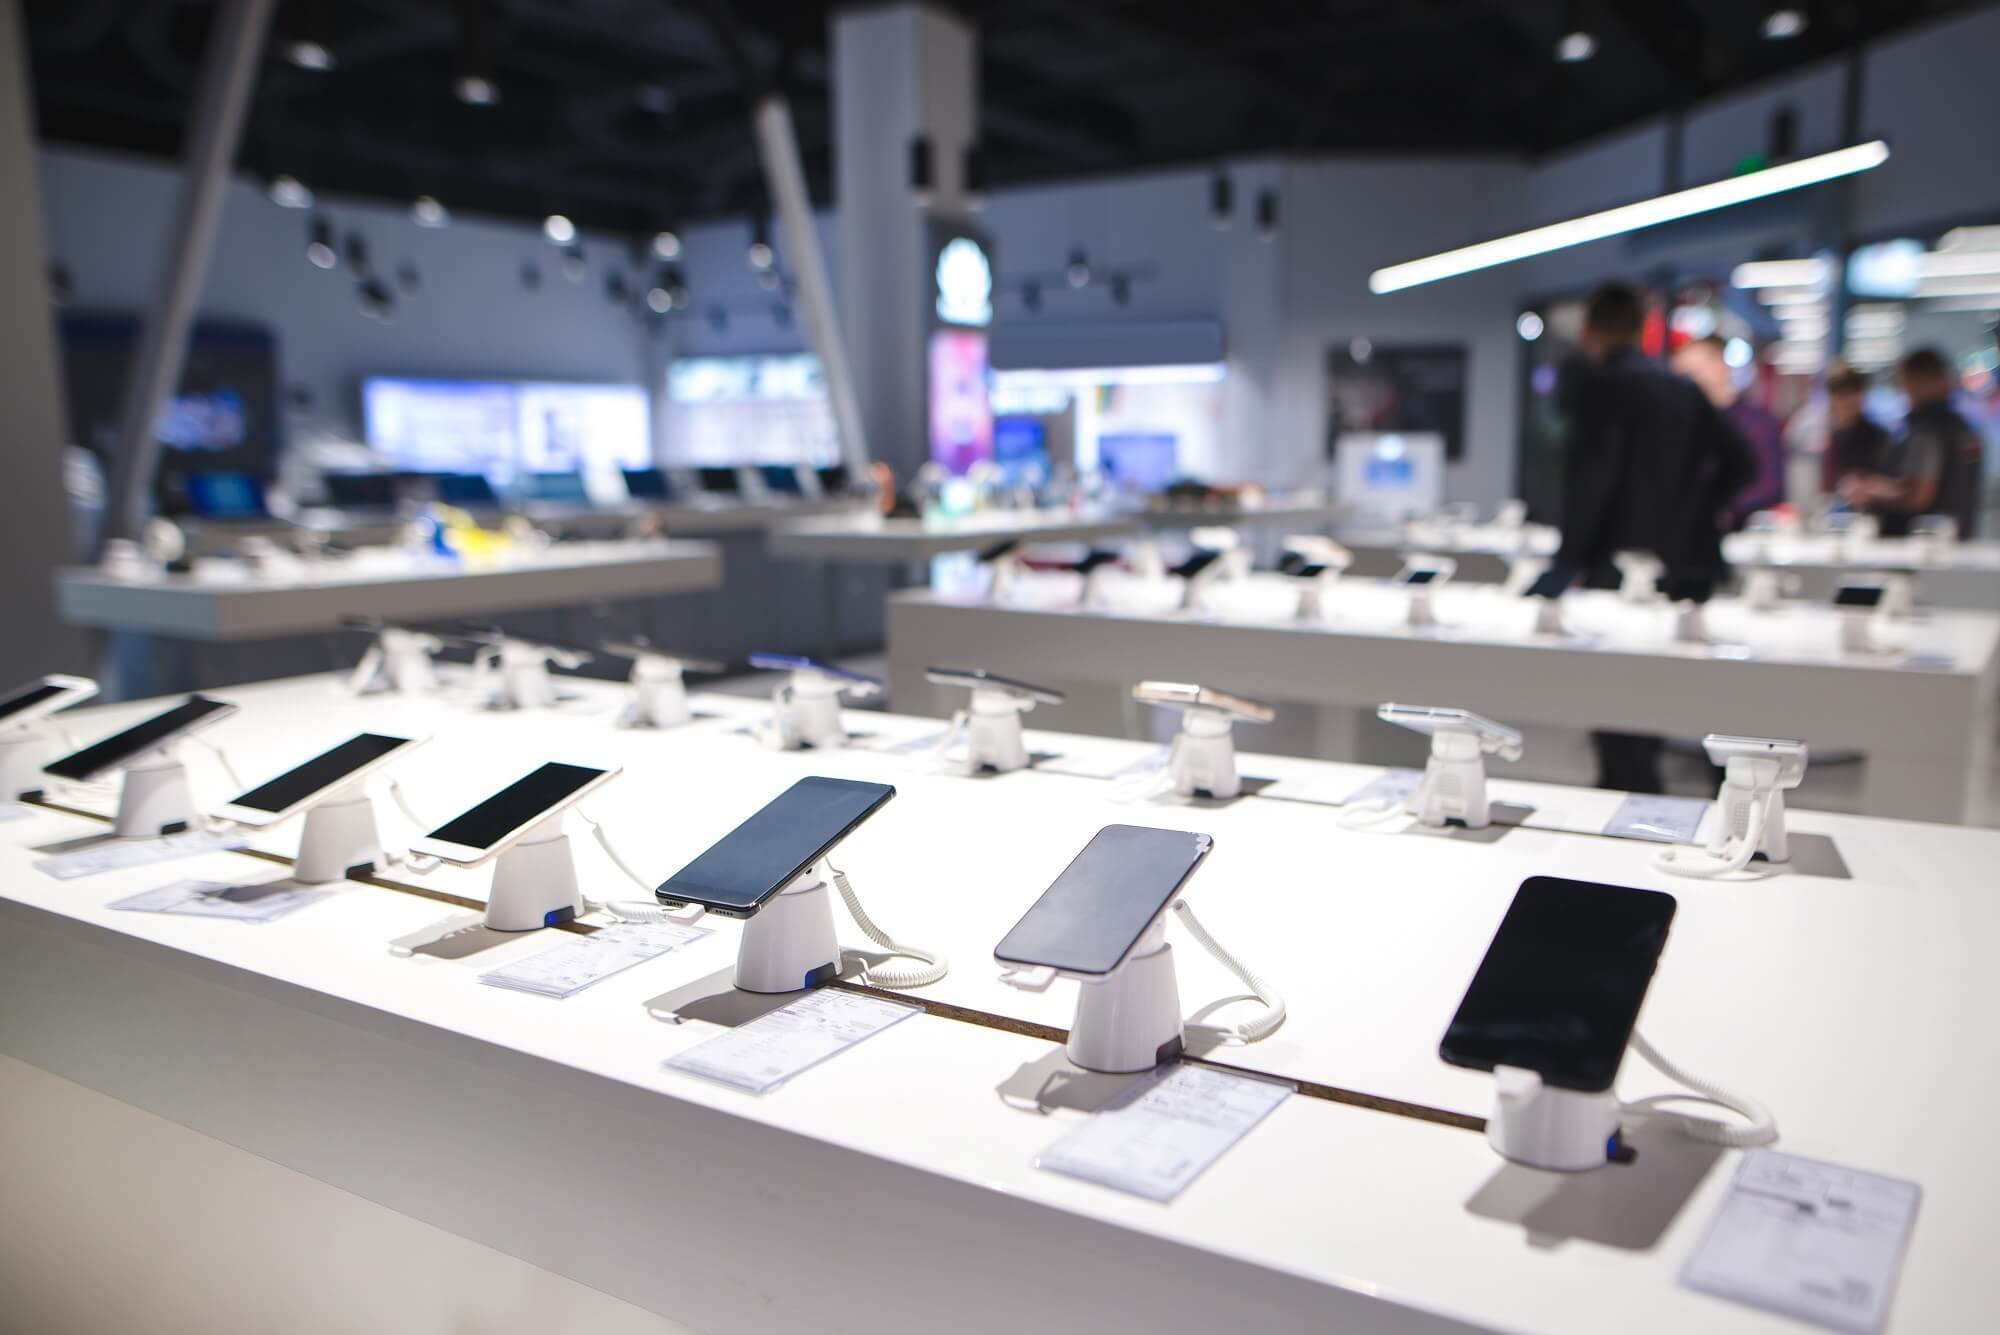 2018全球智能手机实际销量出炉,三星苹果继续下滑